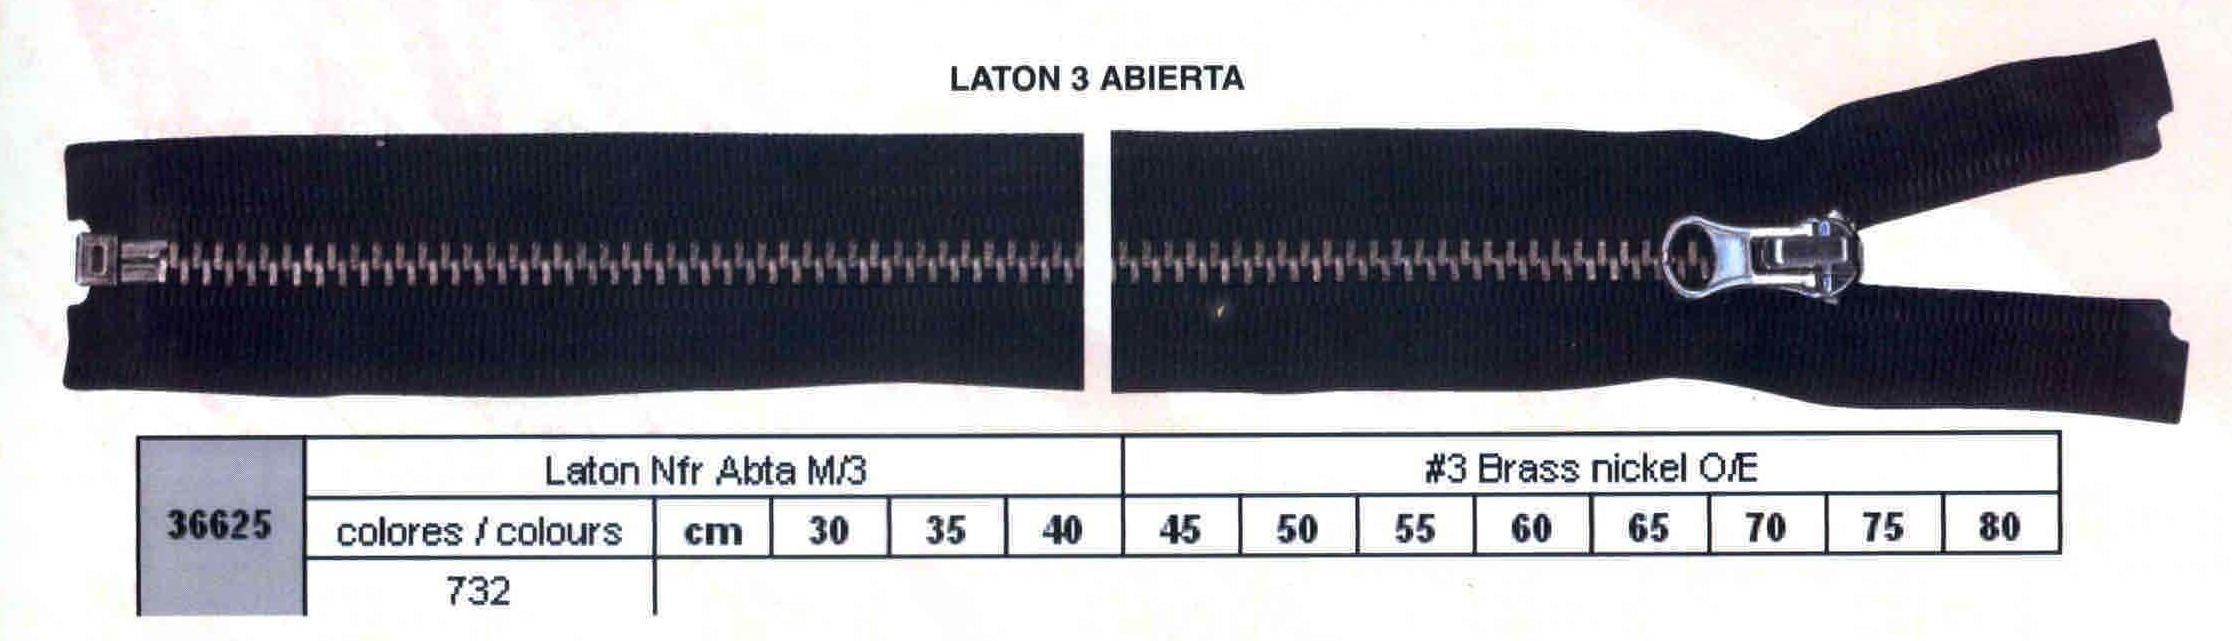 Cremallera SNS Latón NFR Separador num. 3